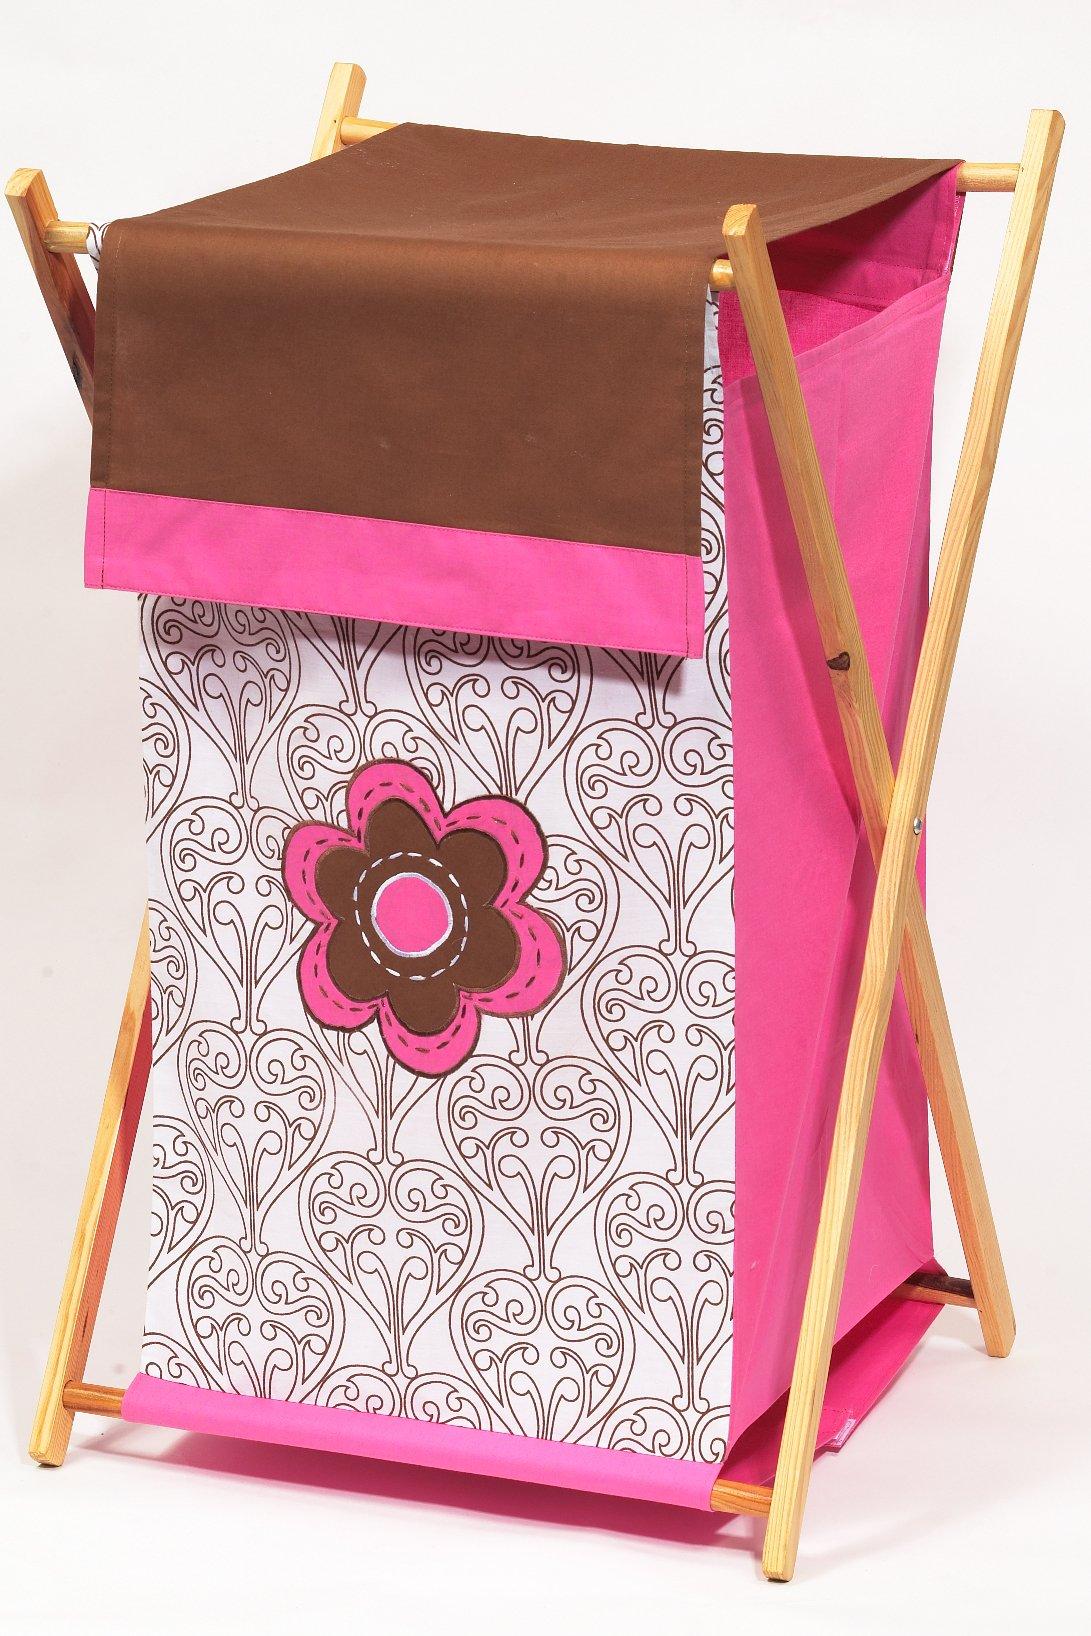 Bacati - Damask Pink/chocolate Hamper by Bacati (Image #1)